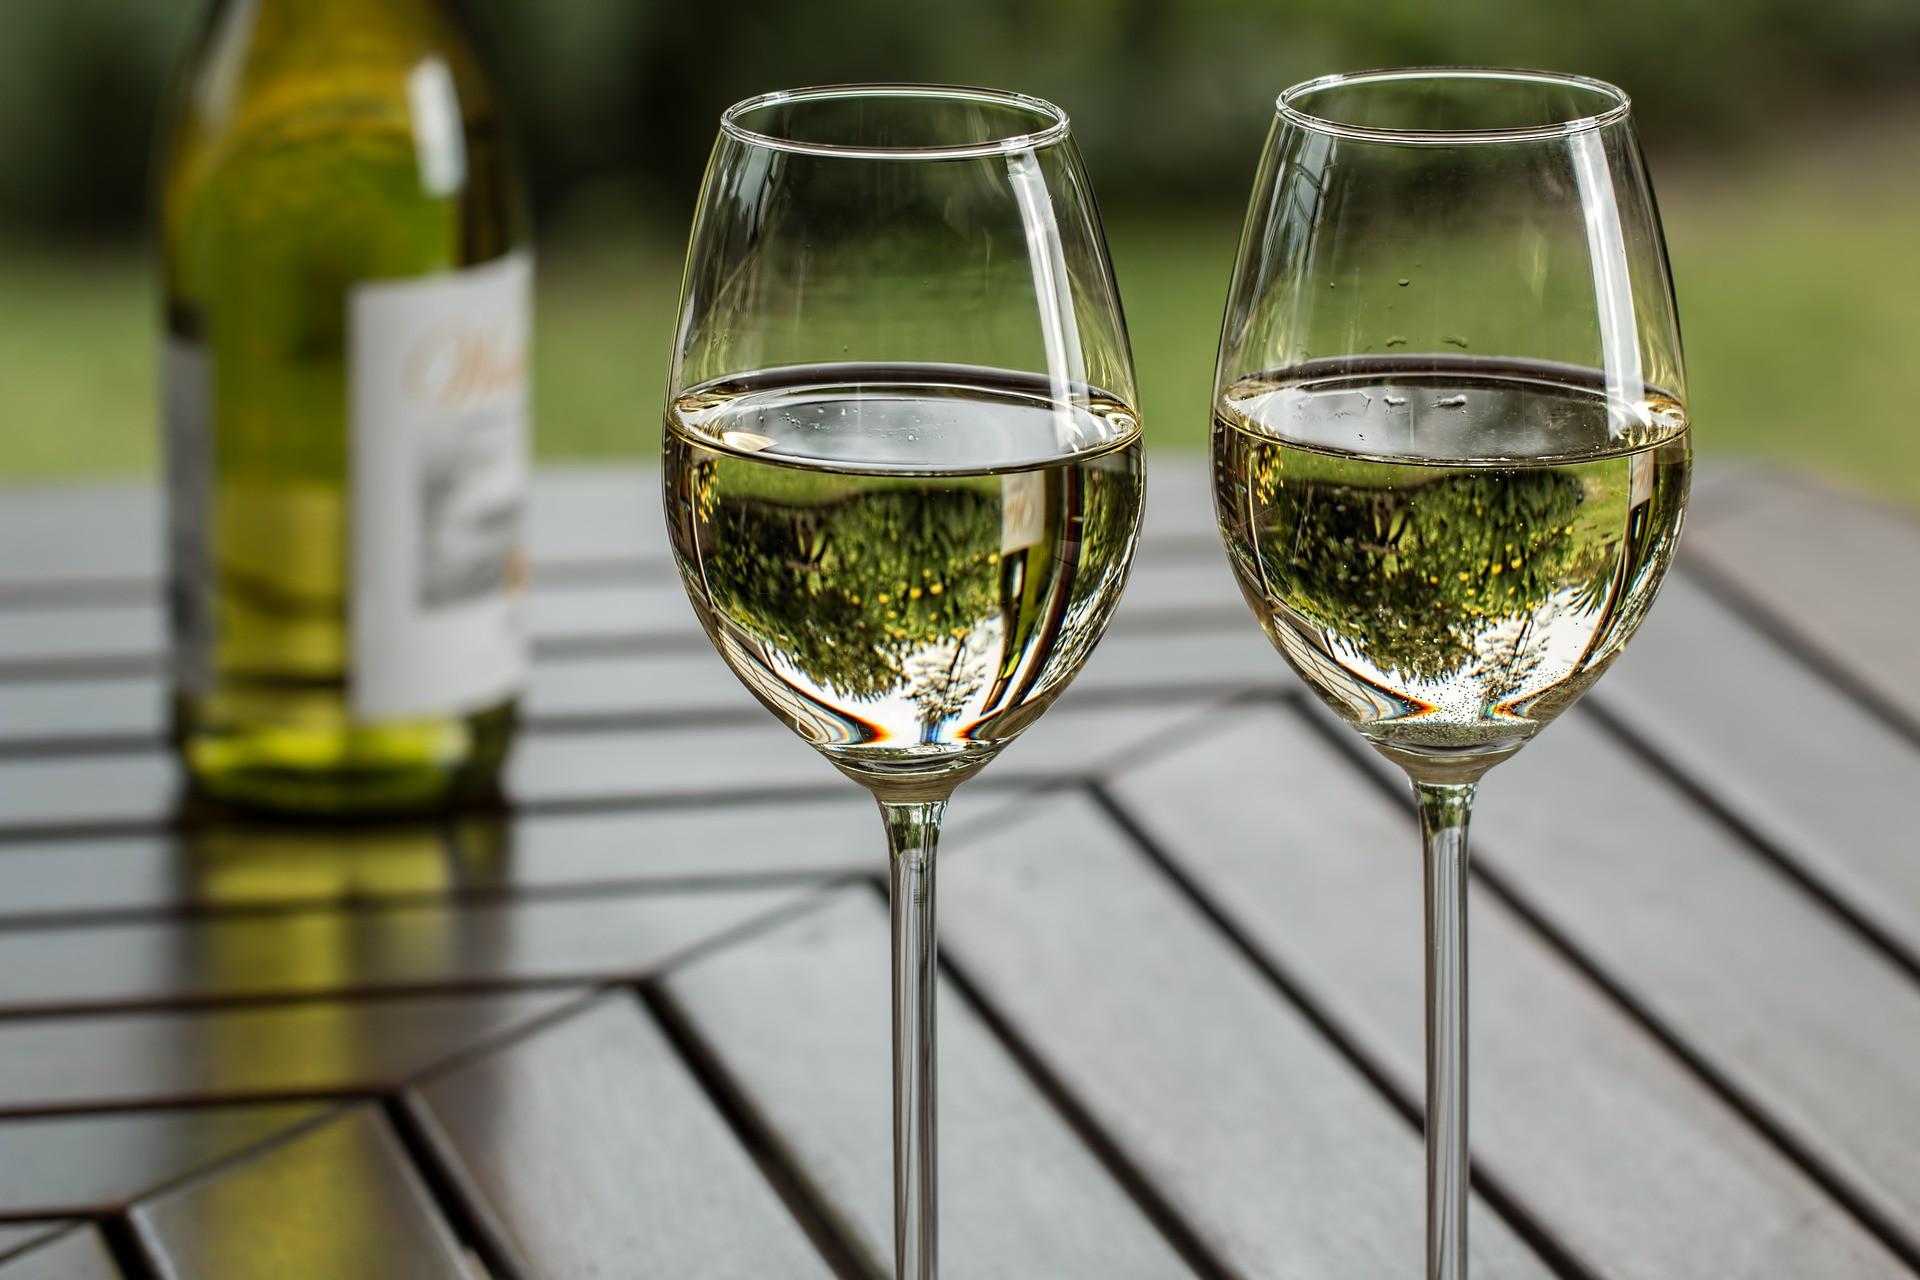 Drożdże do wina - czym są, jak wybrać najlepsze?